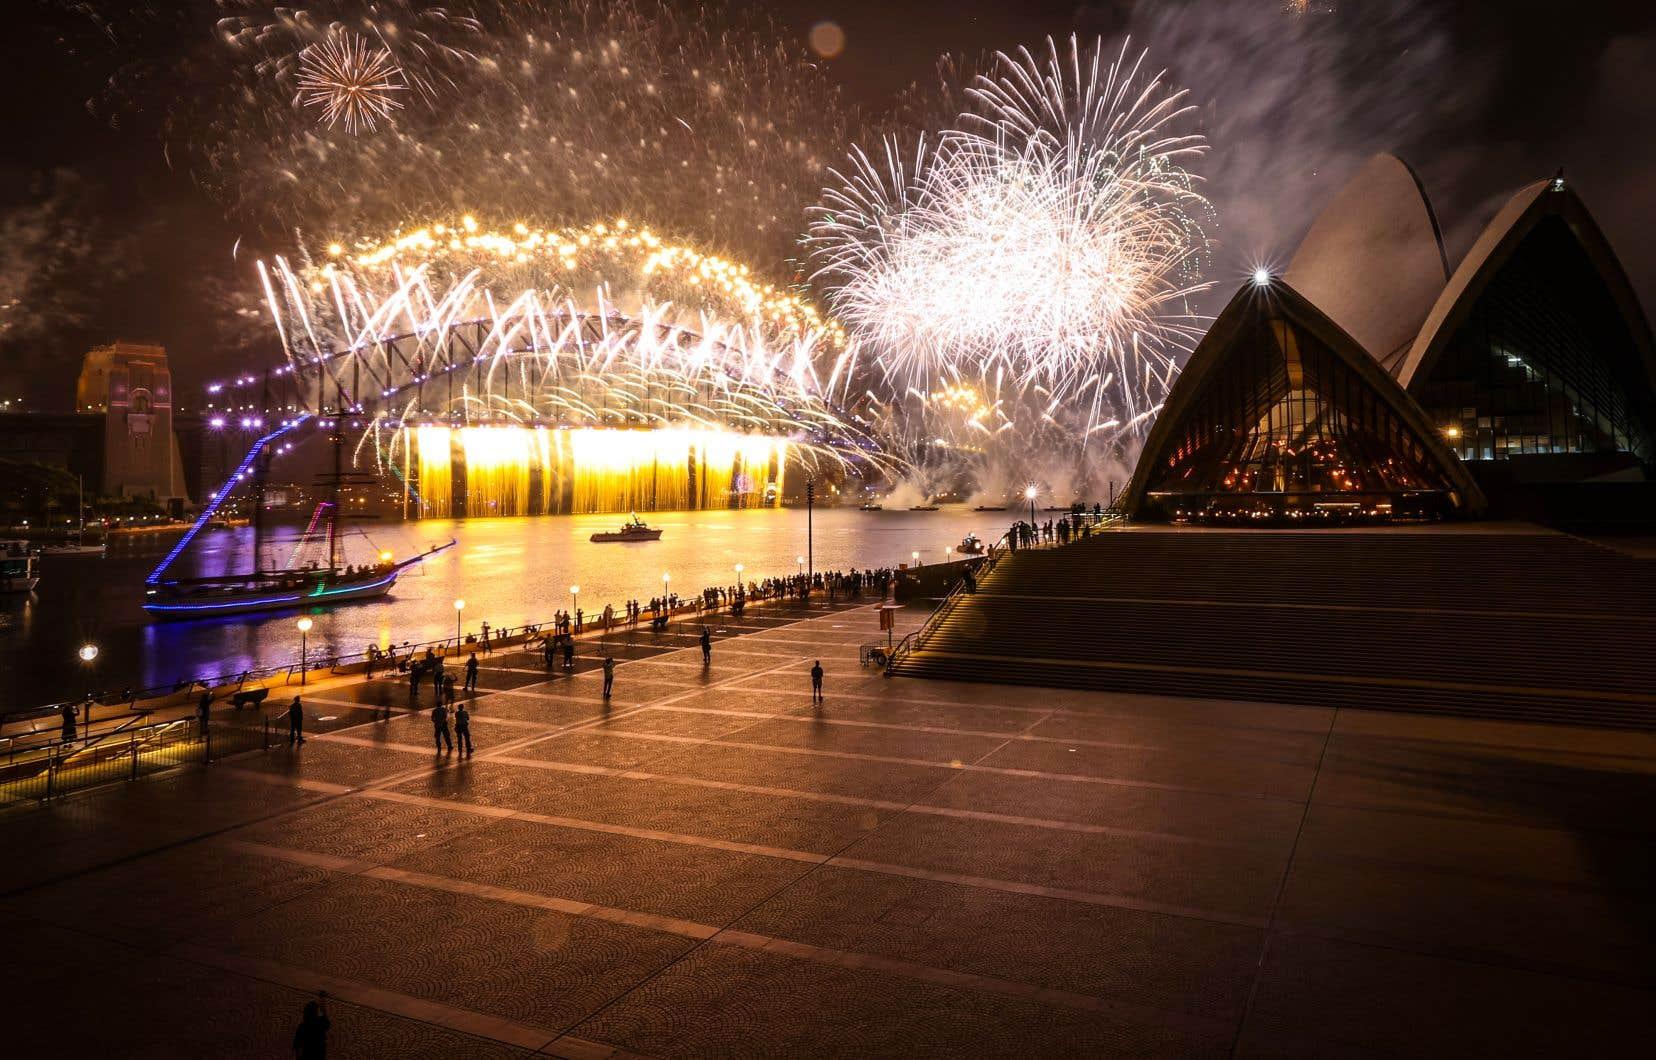 À Sydney, le célèbre feu d'artifice du Nouvel an a été tiré au-dessus de la Baie, mais en l'absence quasi-totale de spectateurs.